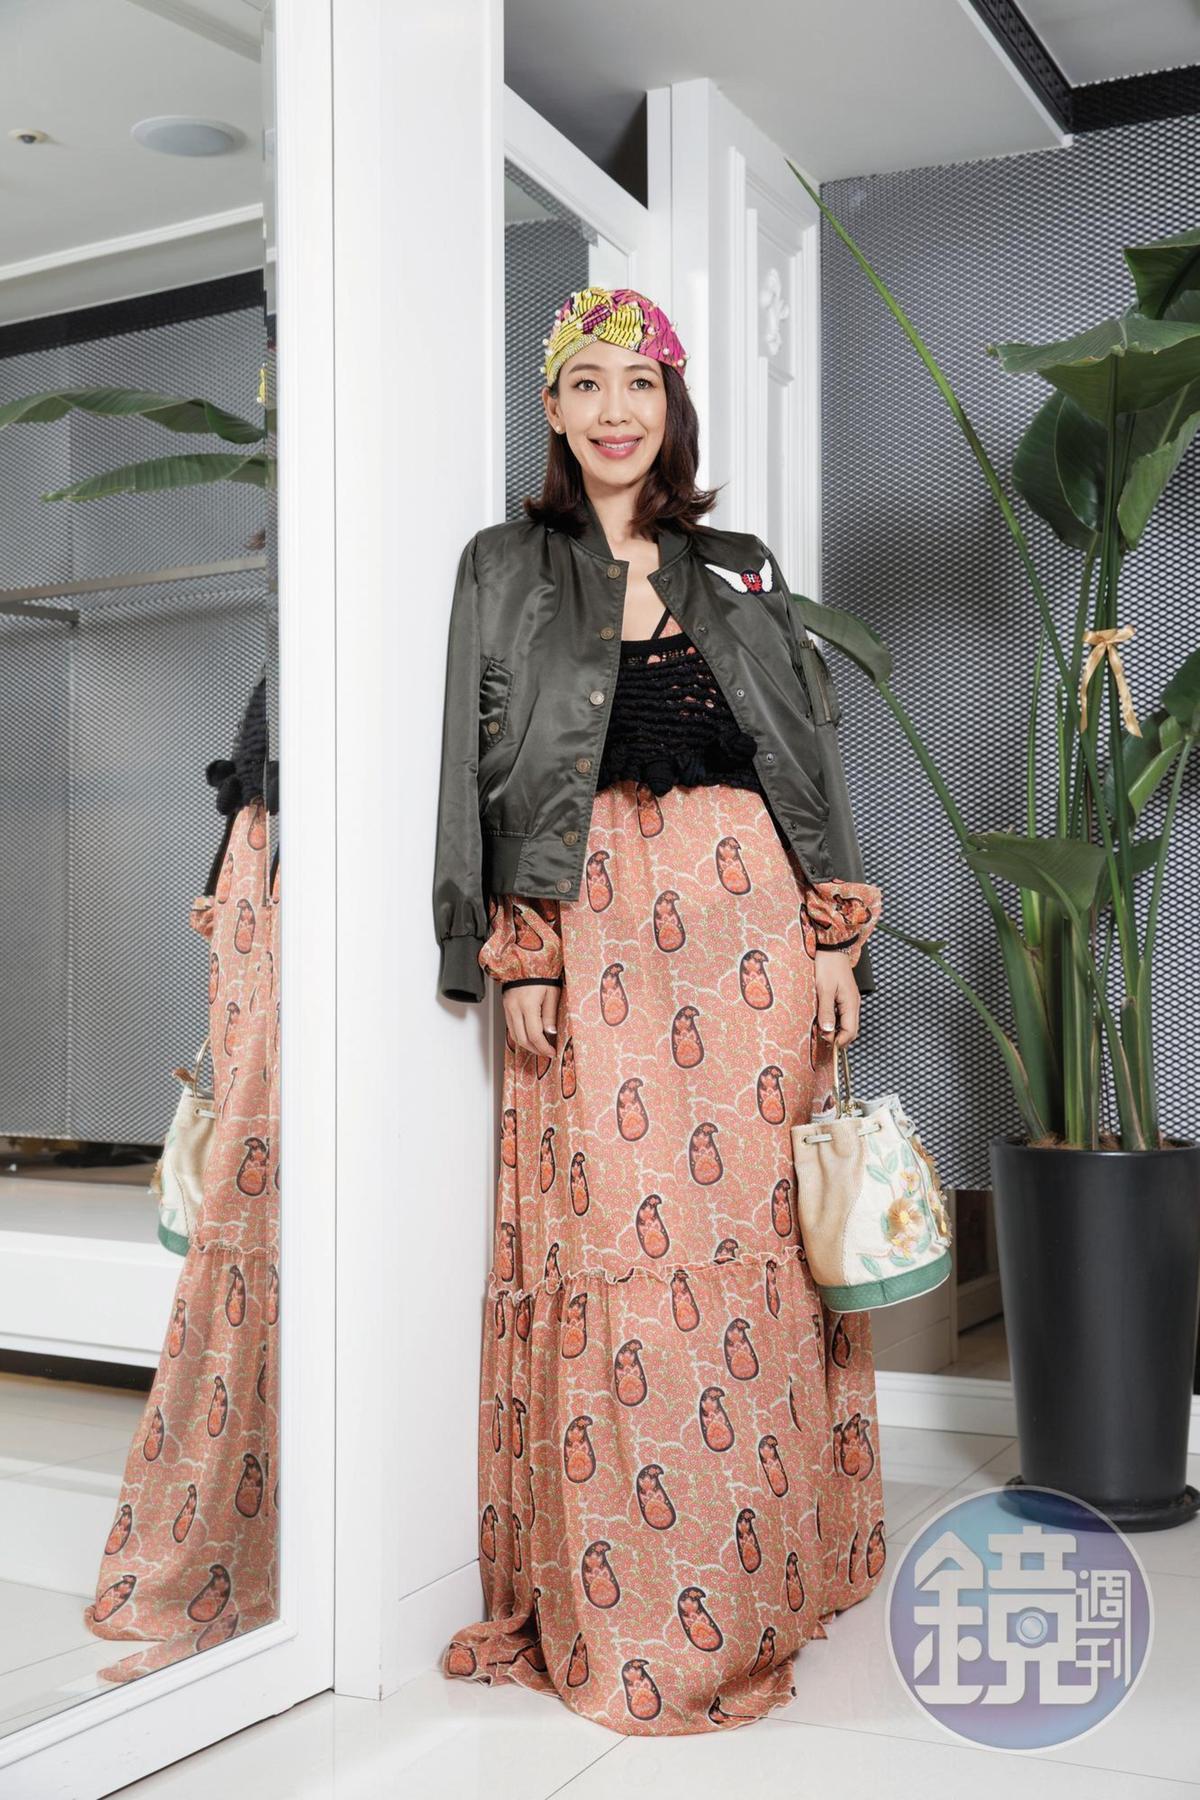 在巴黎二手店買的針織背心。約NT$2,000 GIAMBA曳地洋裝。NT$57,500 Tommy Hilfiger by GiGi Heidi外套。約NT$2,000 IOANNA SOLEA花卉手袋。NT$43,200